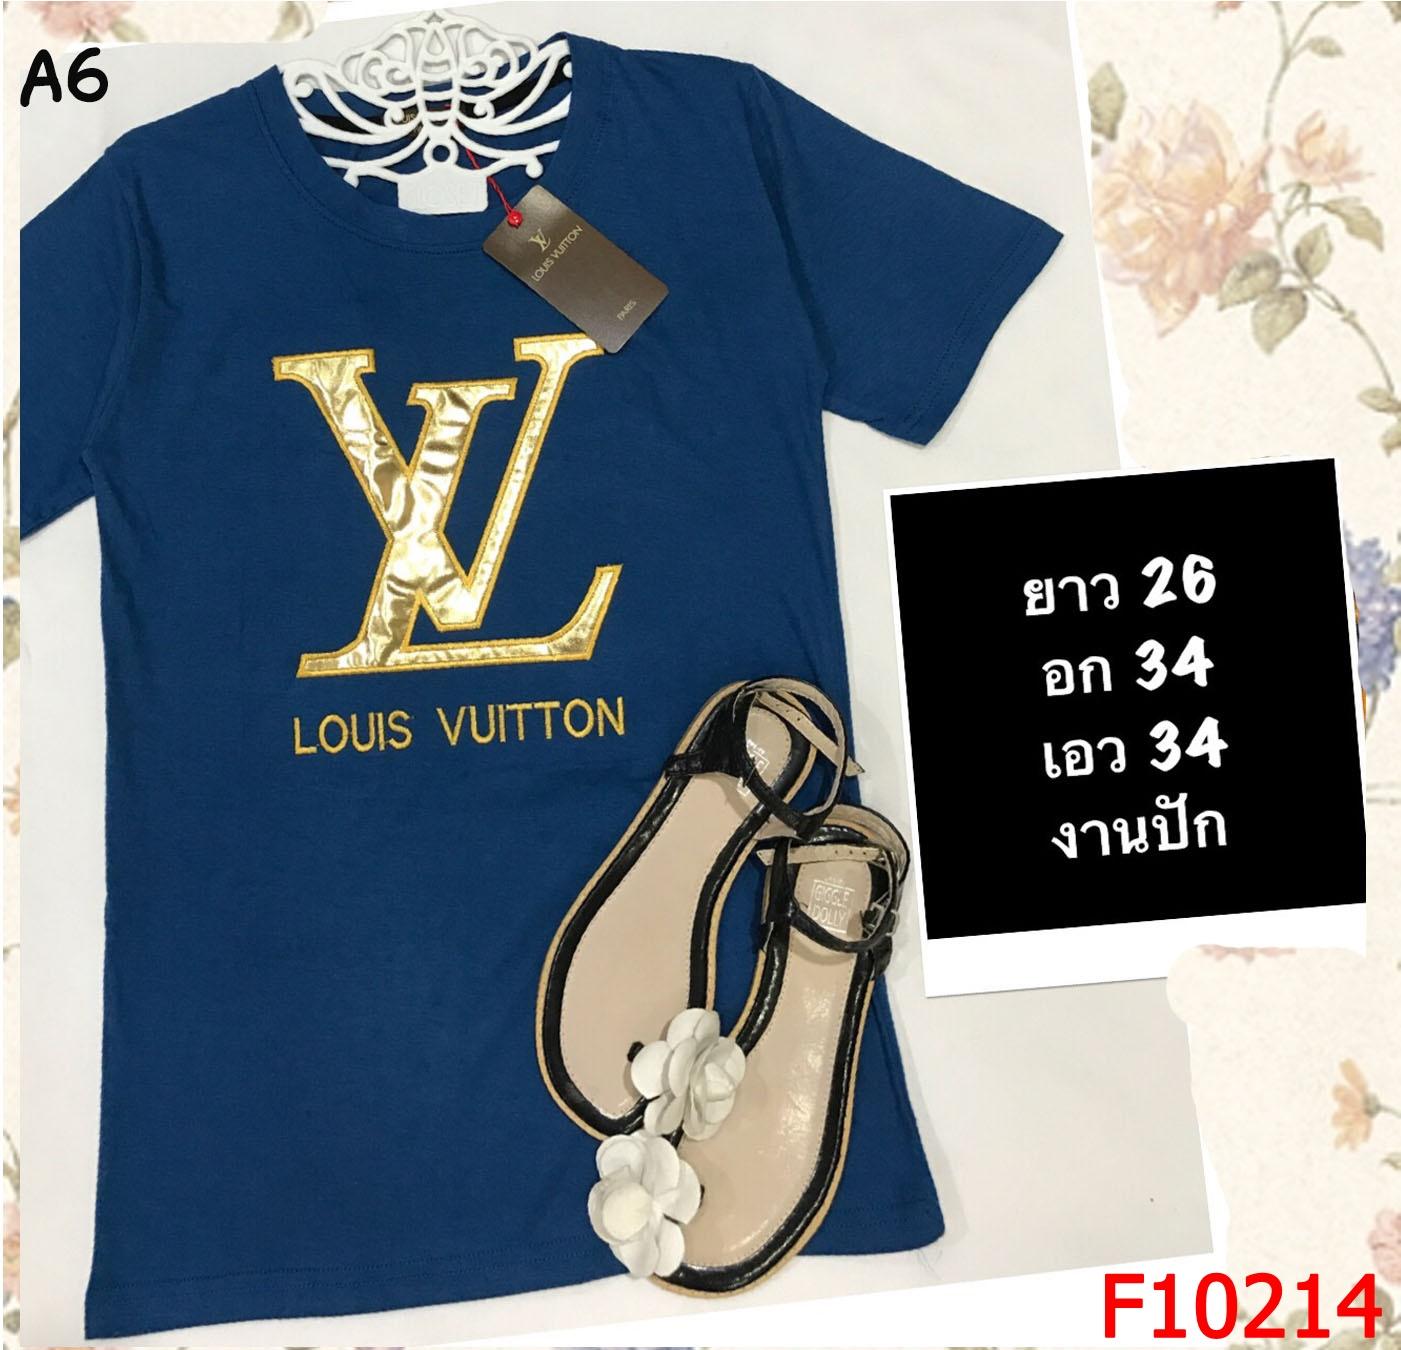 F10214 เสื้อยืด คอกลม สีน้ำเงิน งานปัก ลาย LV (หลุยส์)